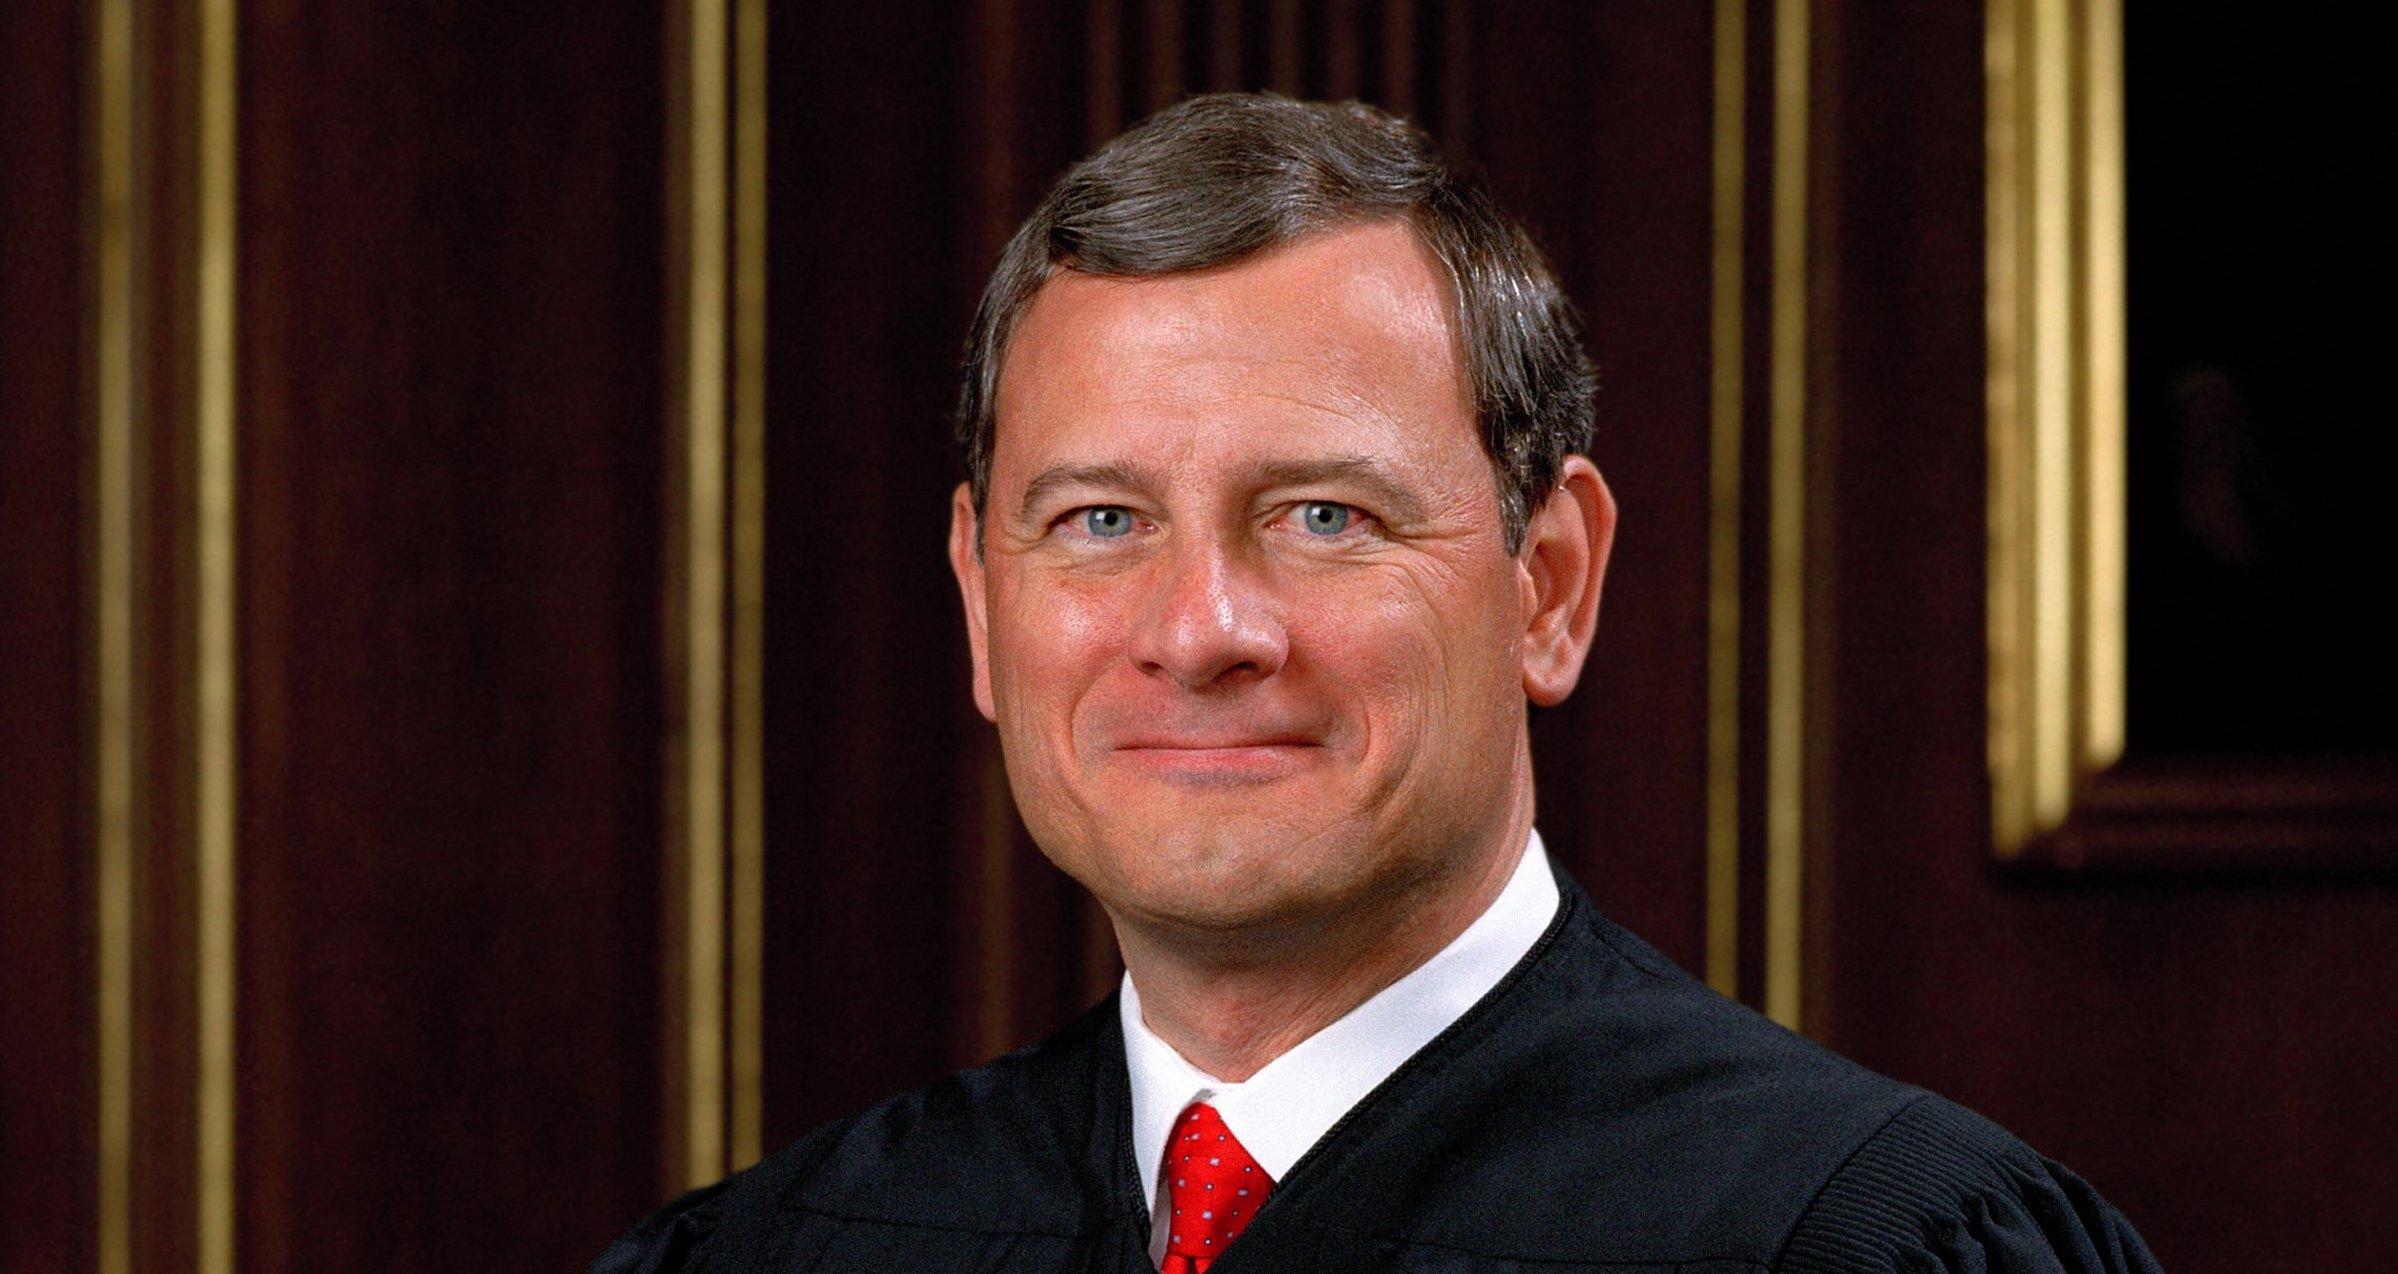 Chief Justice John Roberts (© WikiMedia/Steve Petteway)